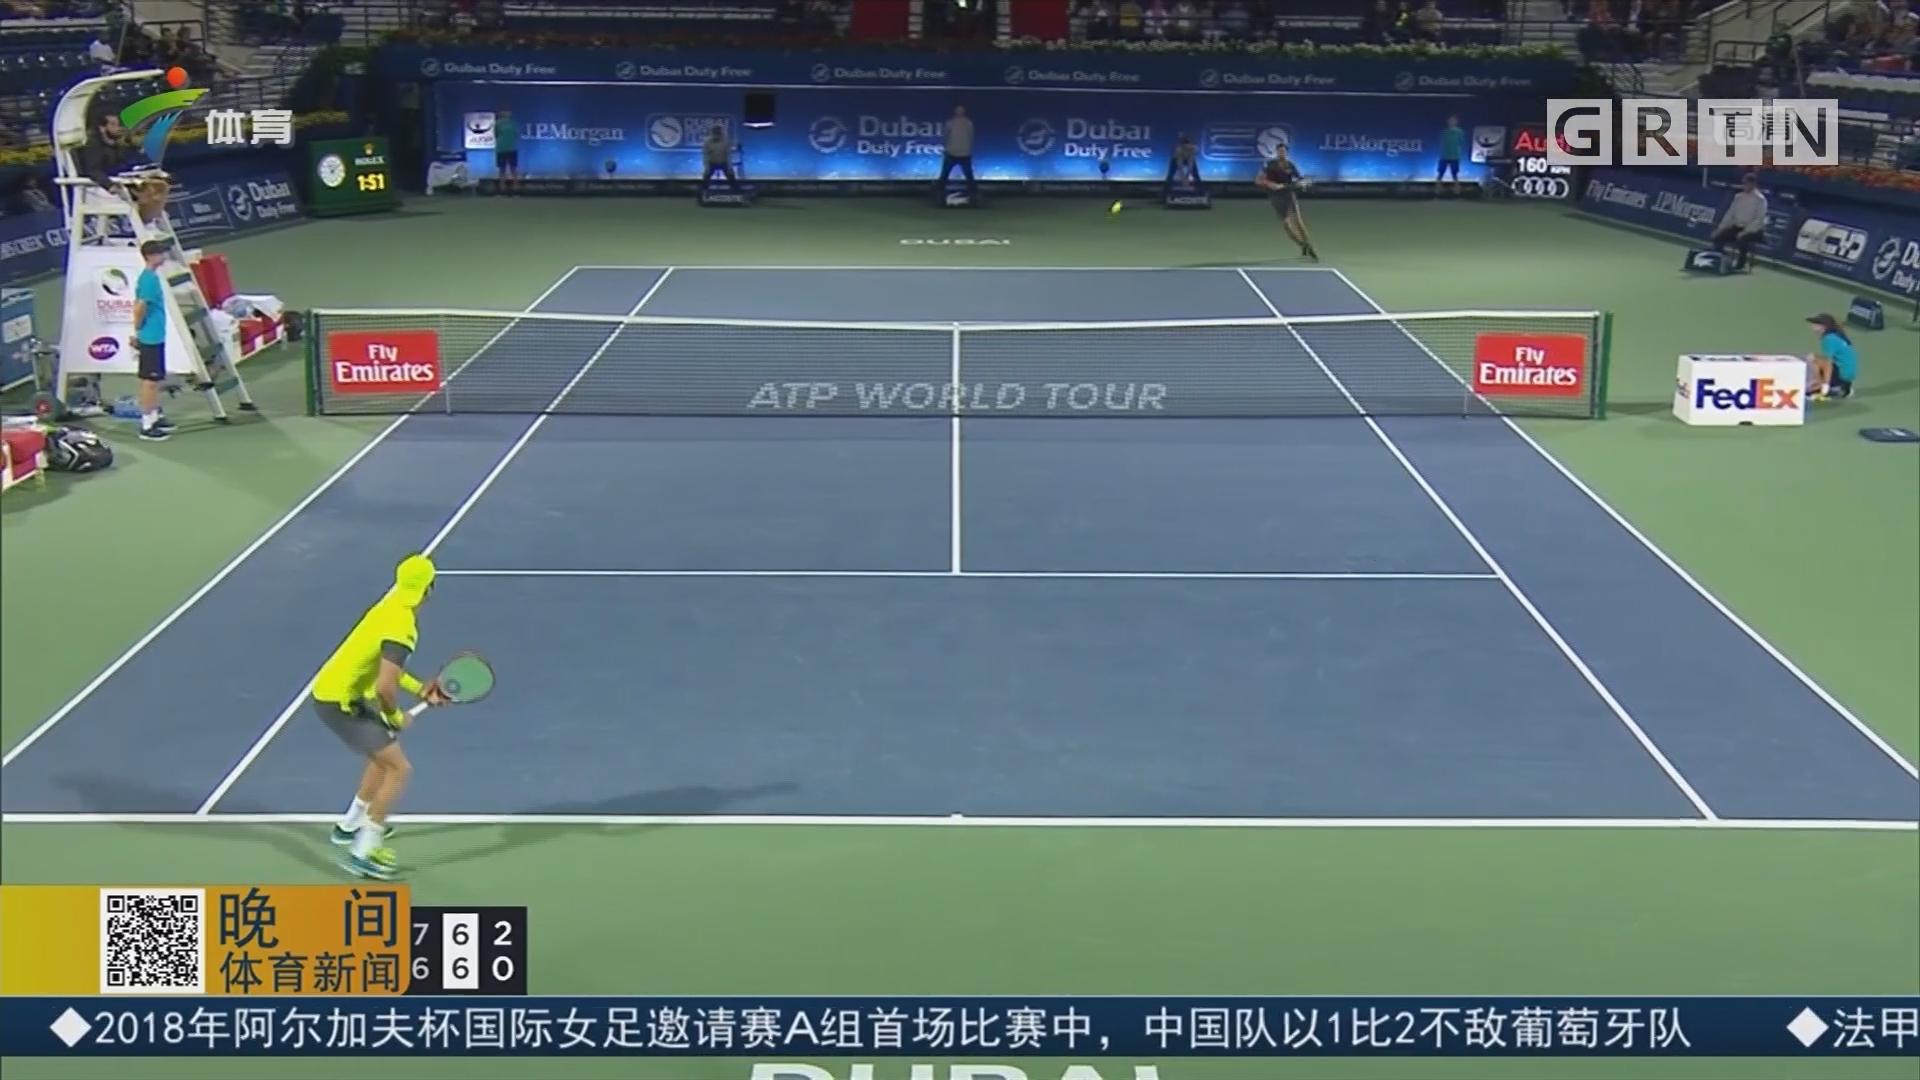 ATP迪拜赛 贾兹里淘汰哈塞晋级